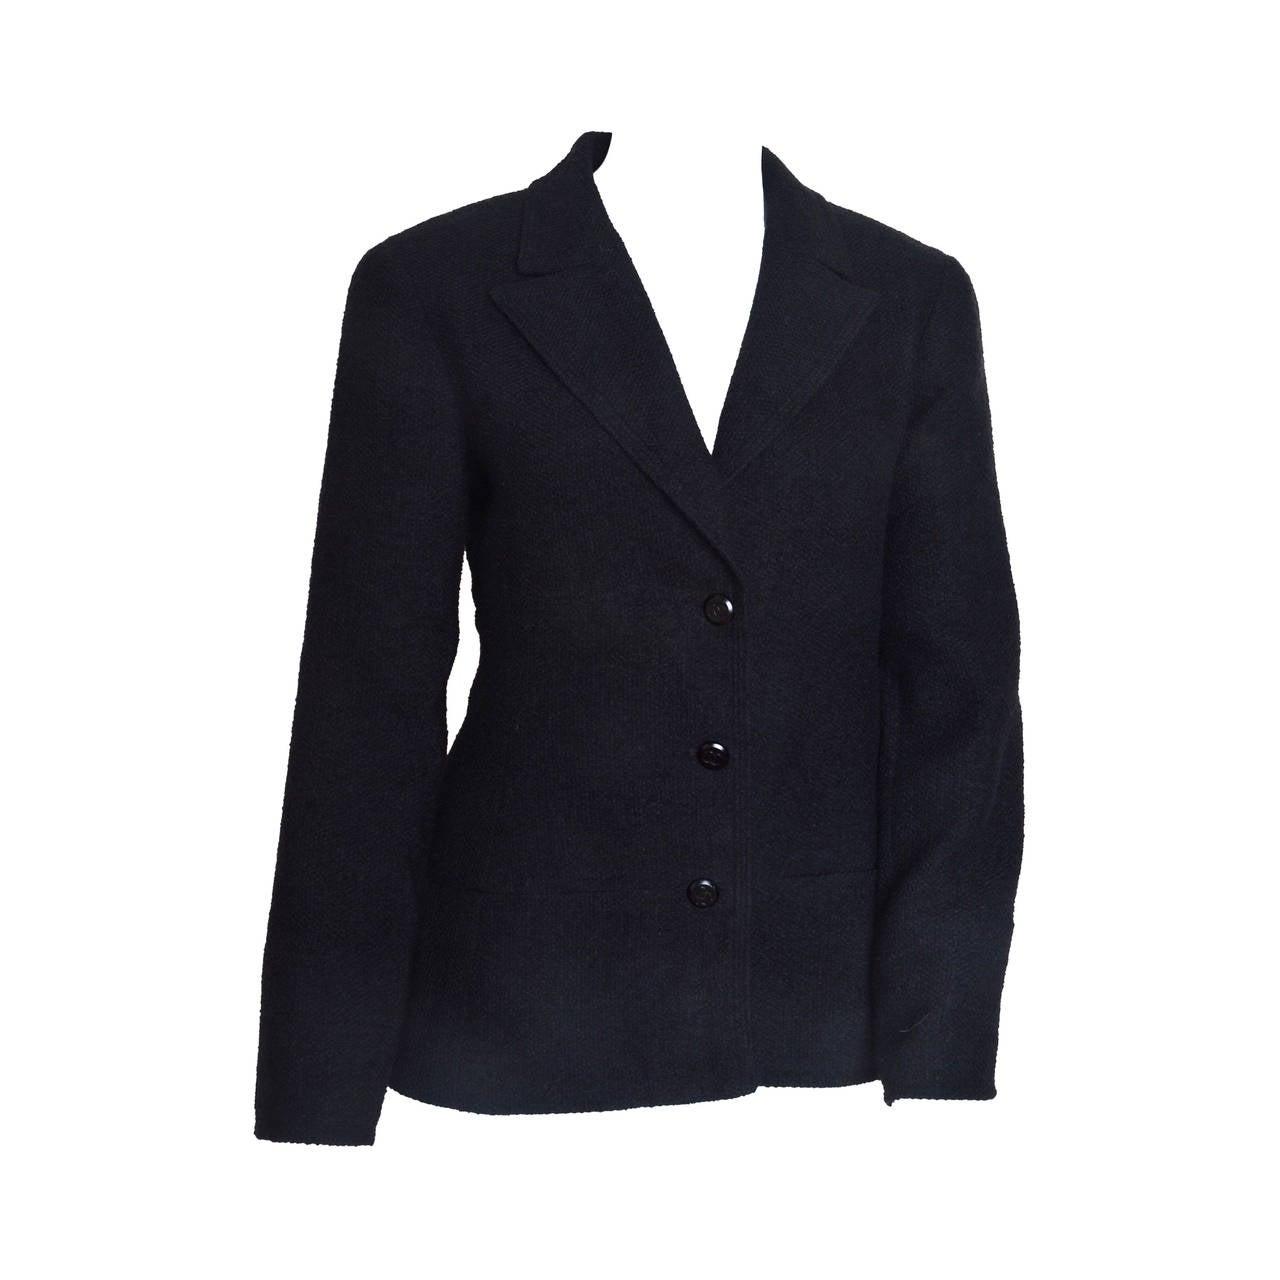 Chanel Black Boucle Blazer 1